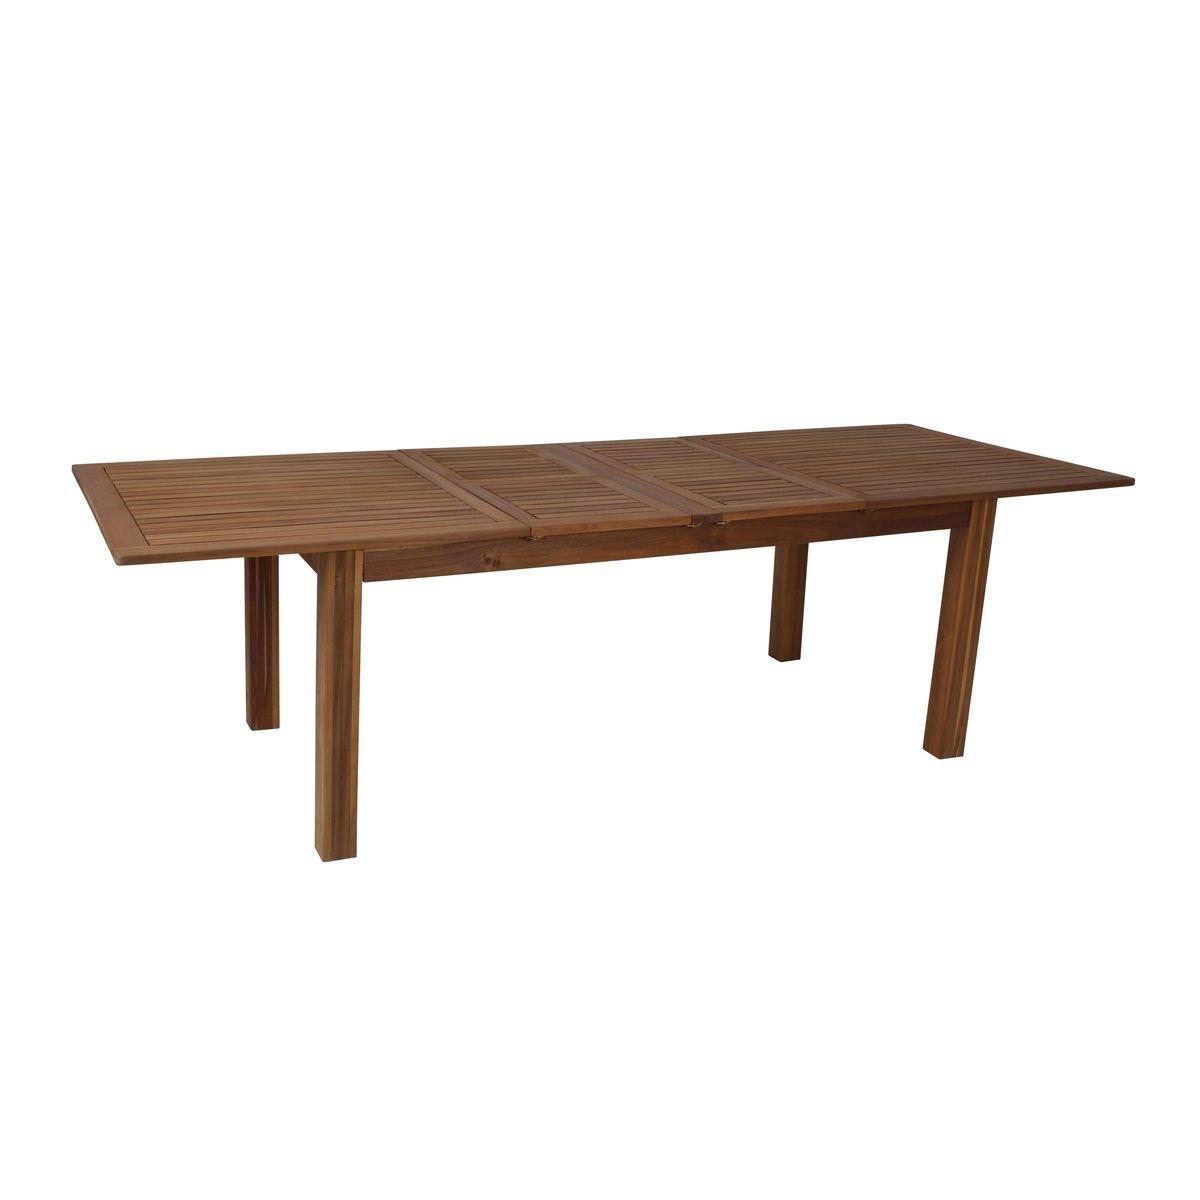 Verzauberkunst Esstisch Ausziehbar Holz Sammlung Von Greemotion Borkum - Gartentisch Aus Akazie Massiv